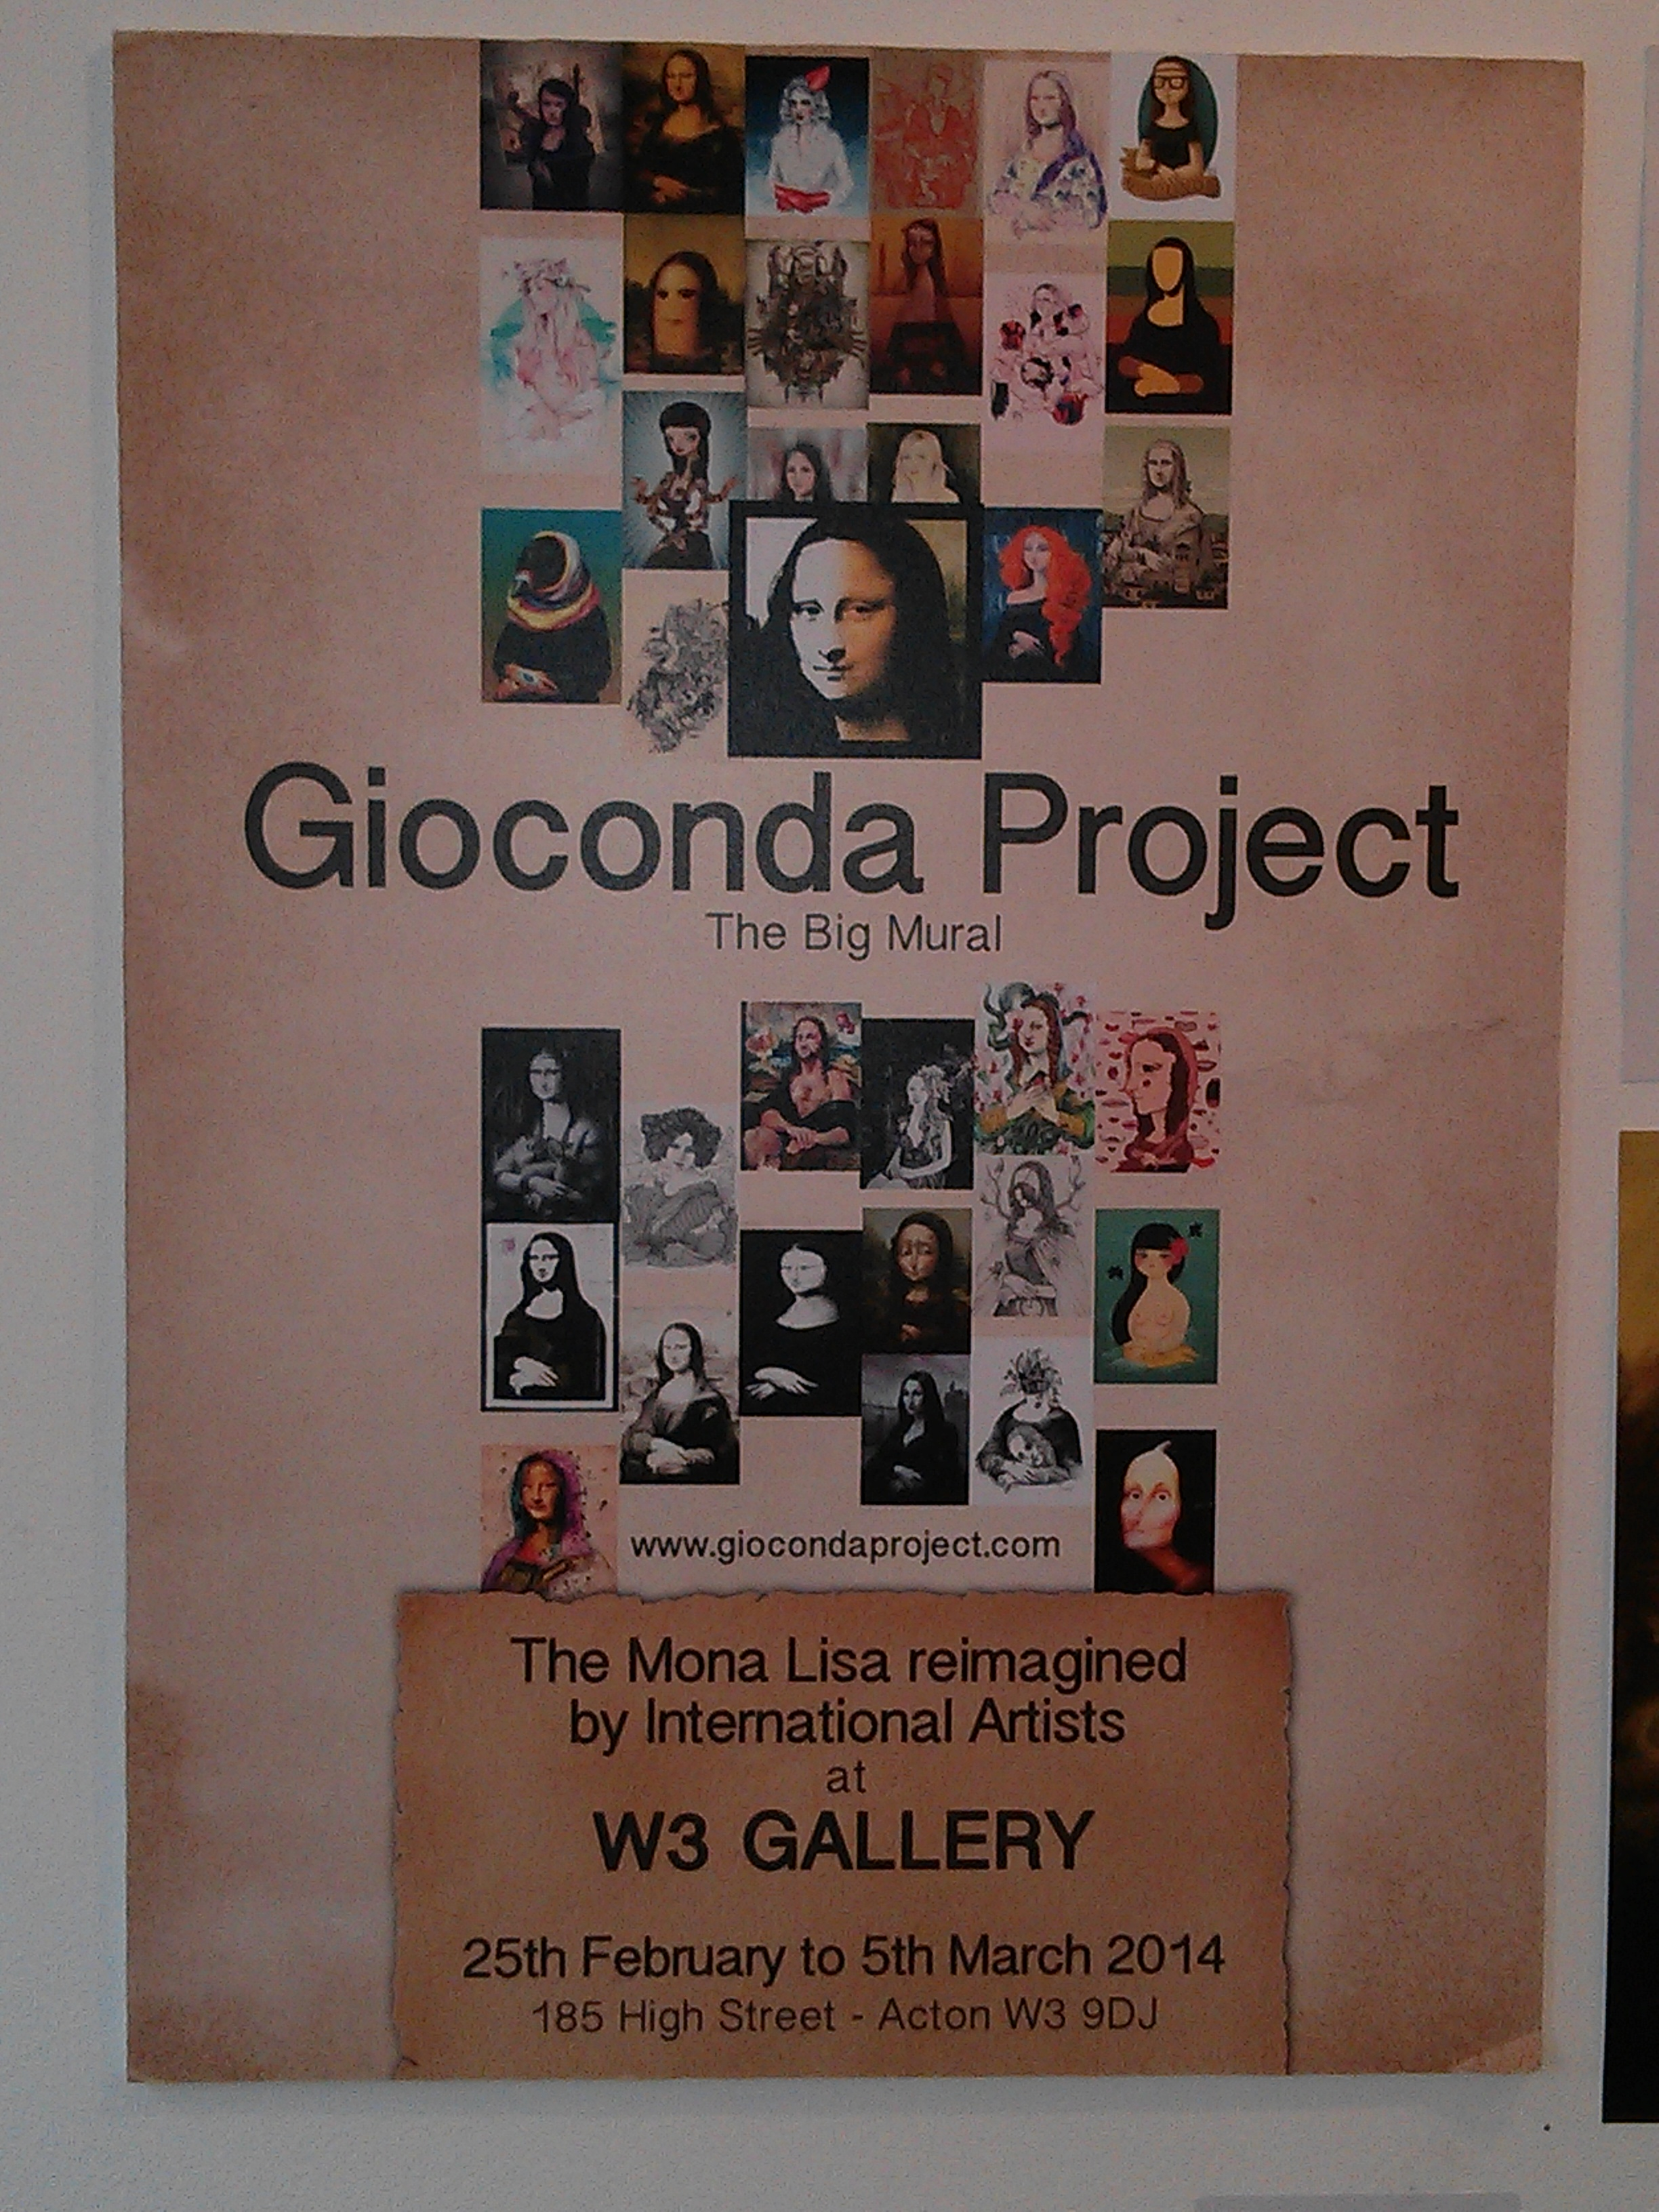 Re-inventing the Gioconda